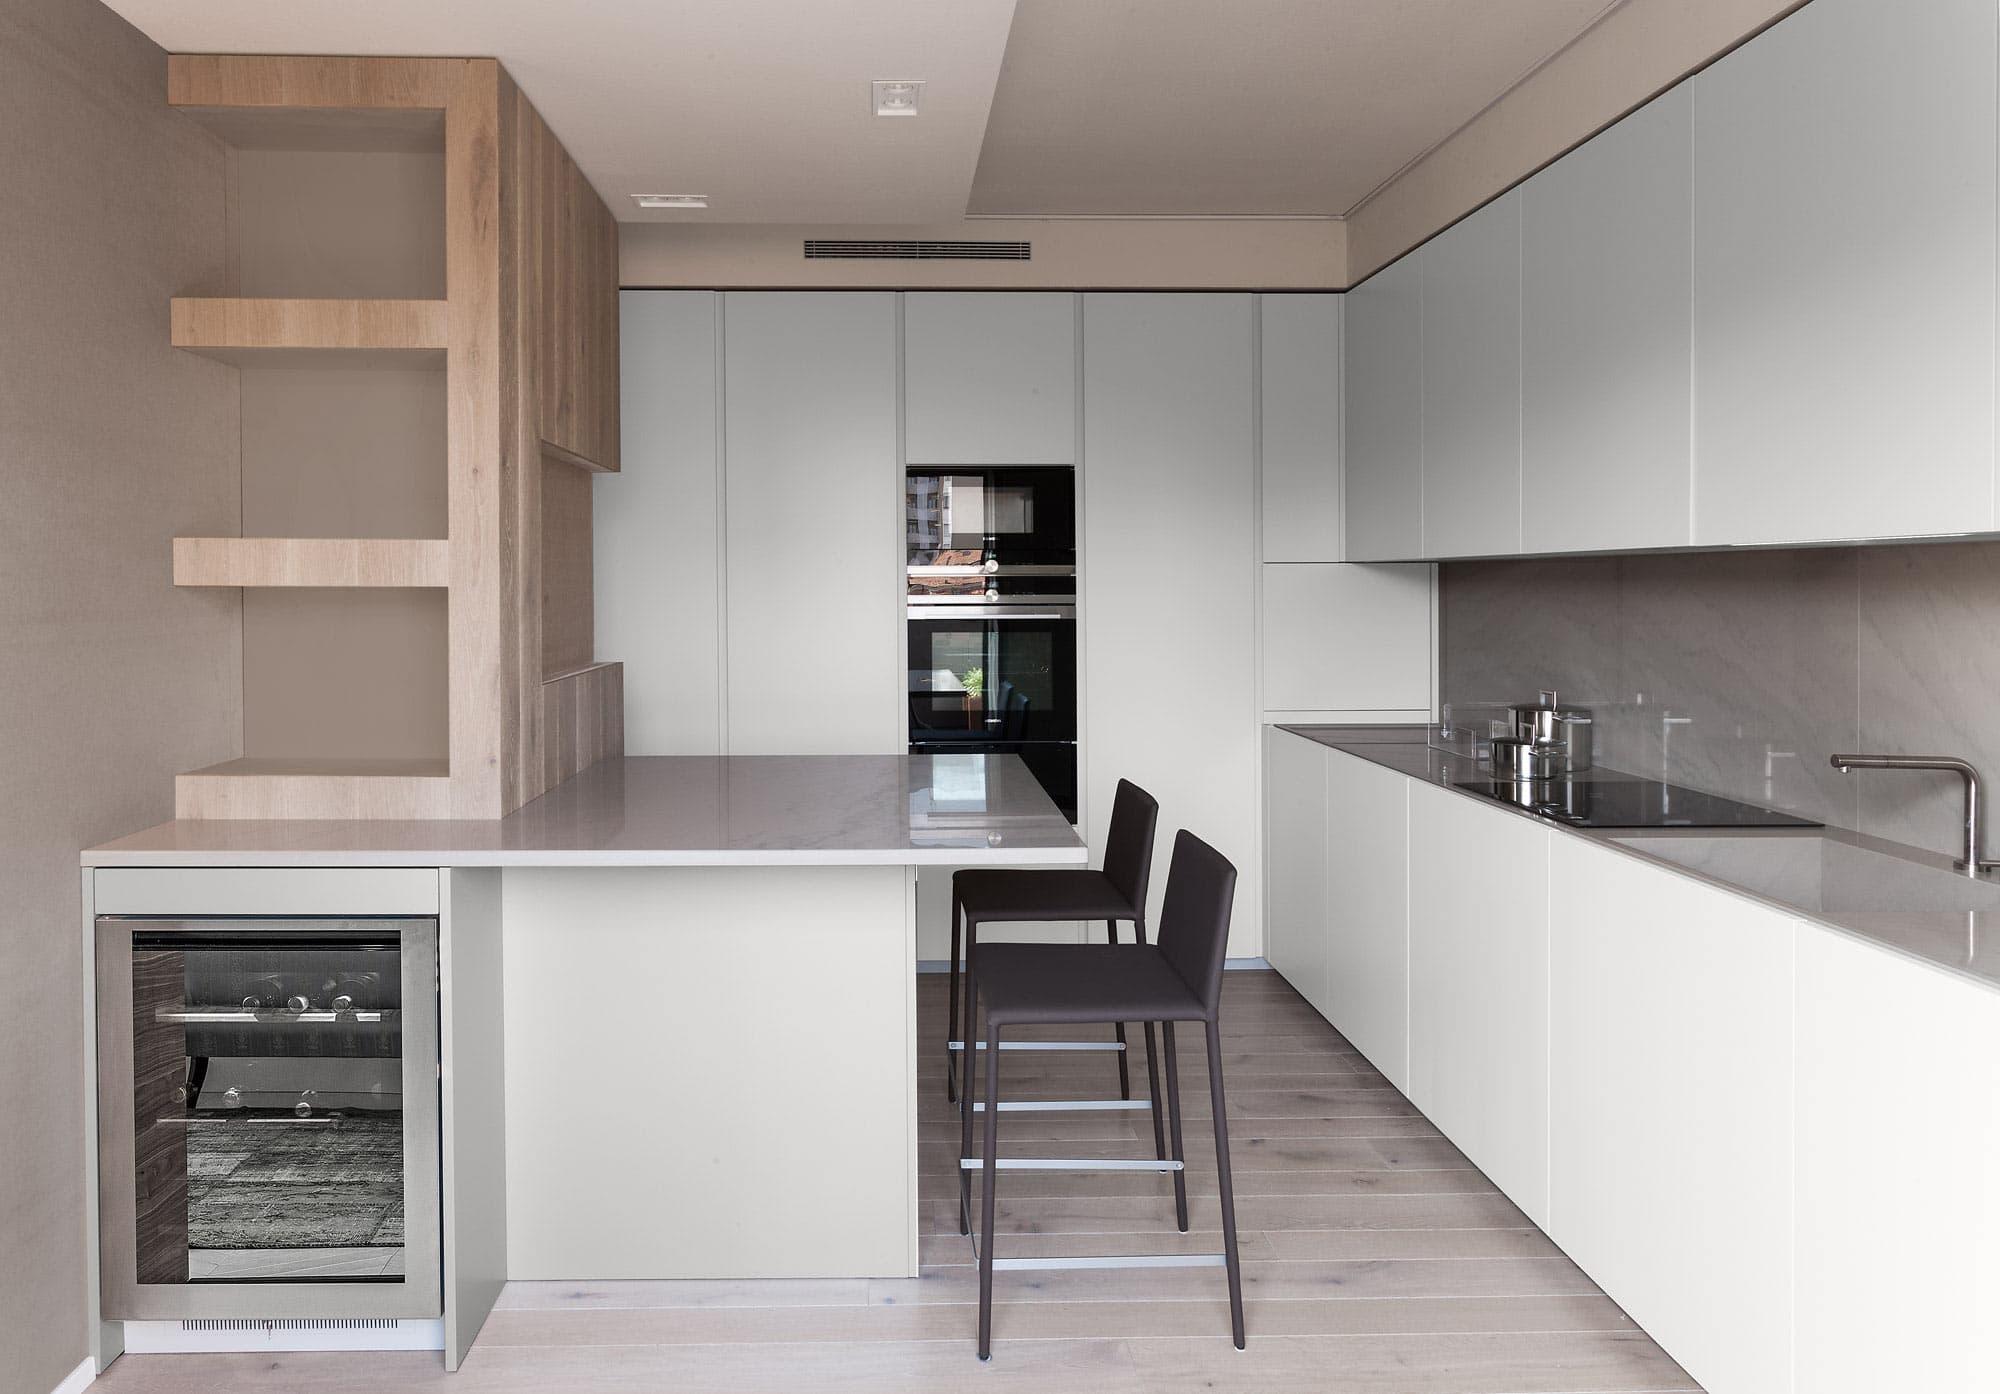 Cucine moderne, classiche e rustiche - Arredamento a ...